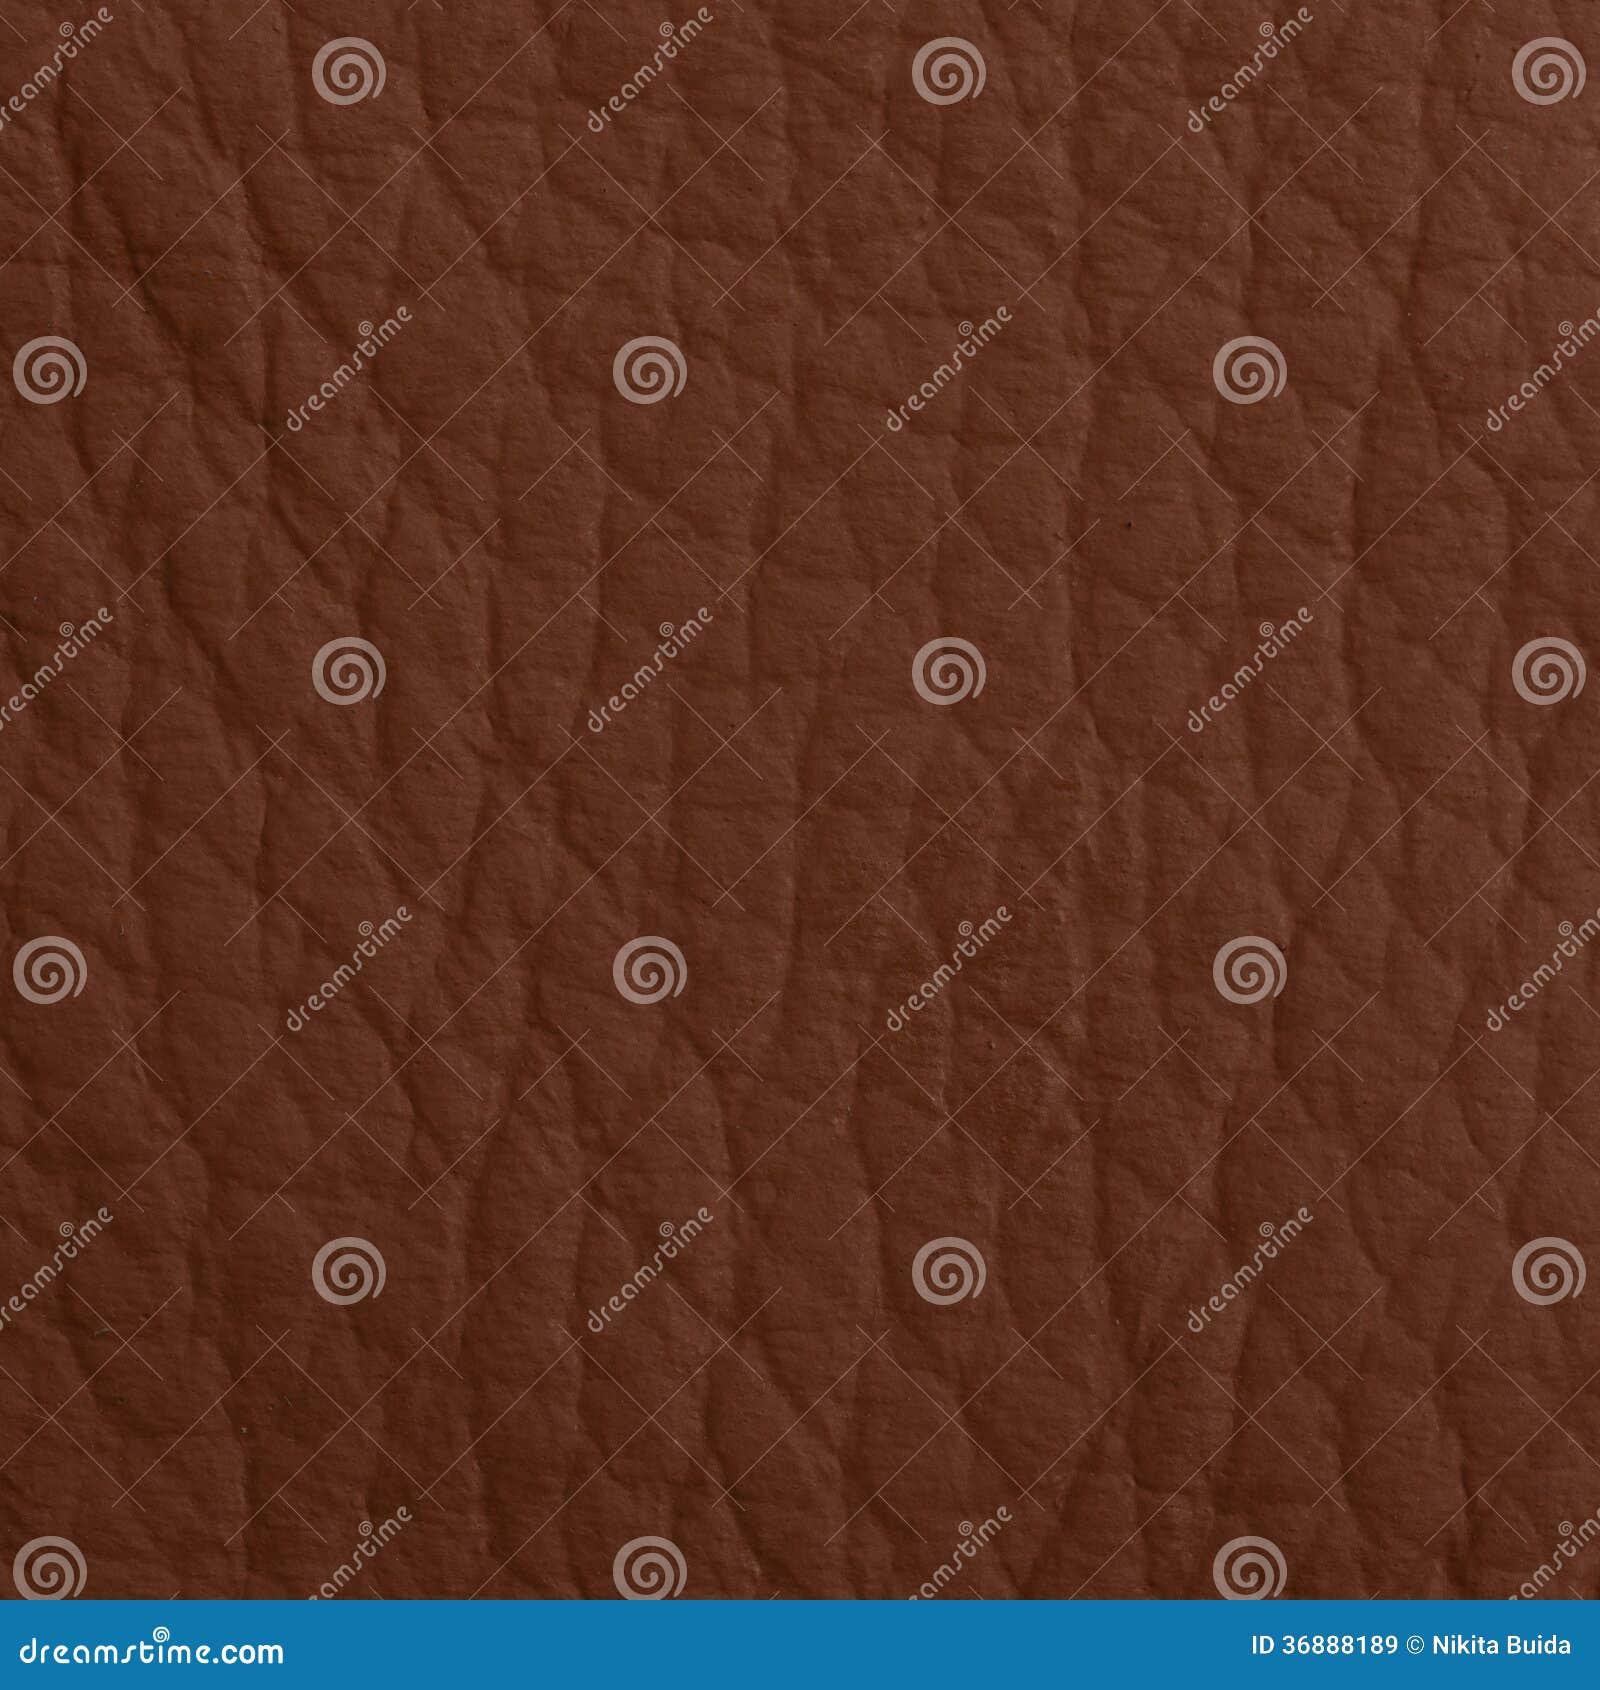 Download Struttura Di Cuoio Per Fondo Immagine Stock - Immagine di genuino, disegno: 36888189